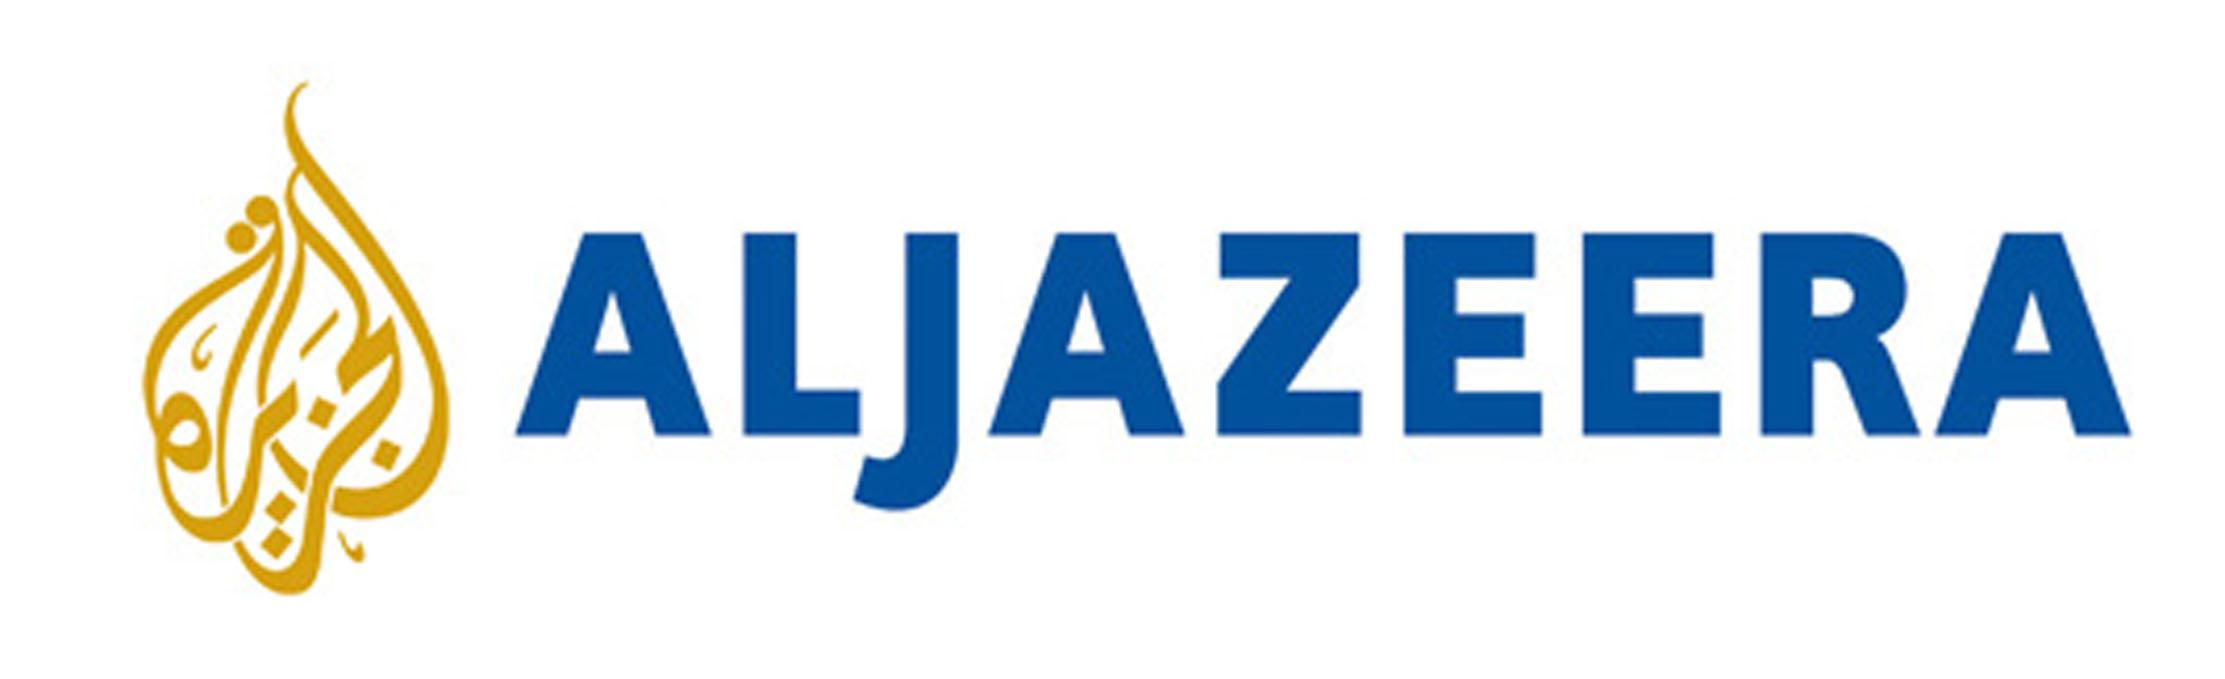 Aljazeera News